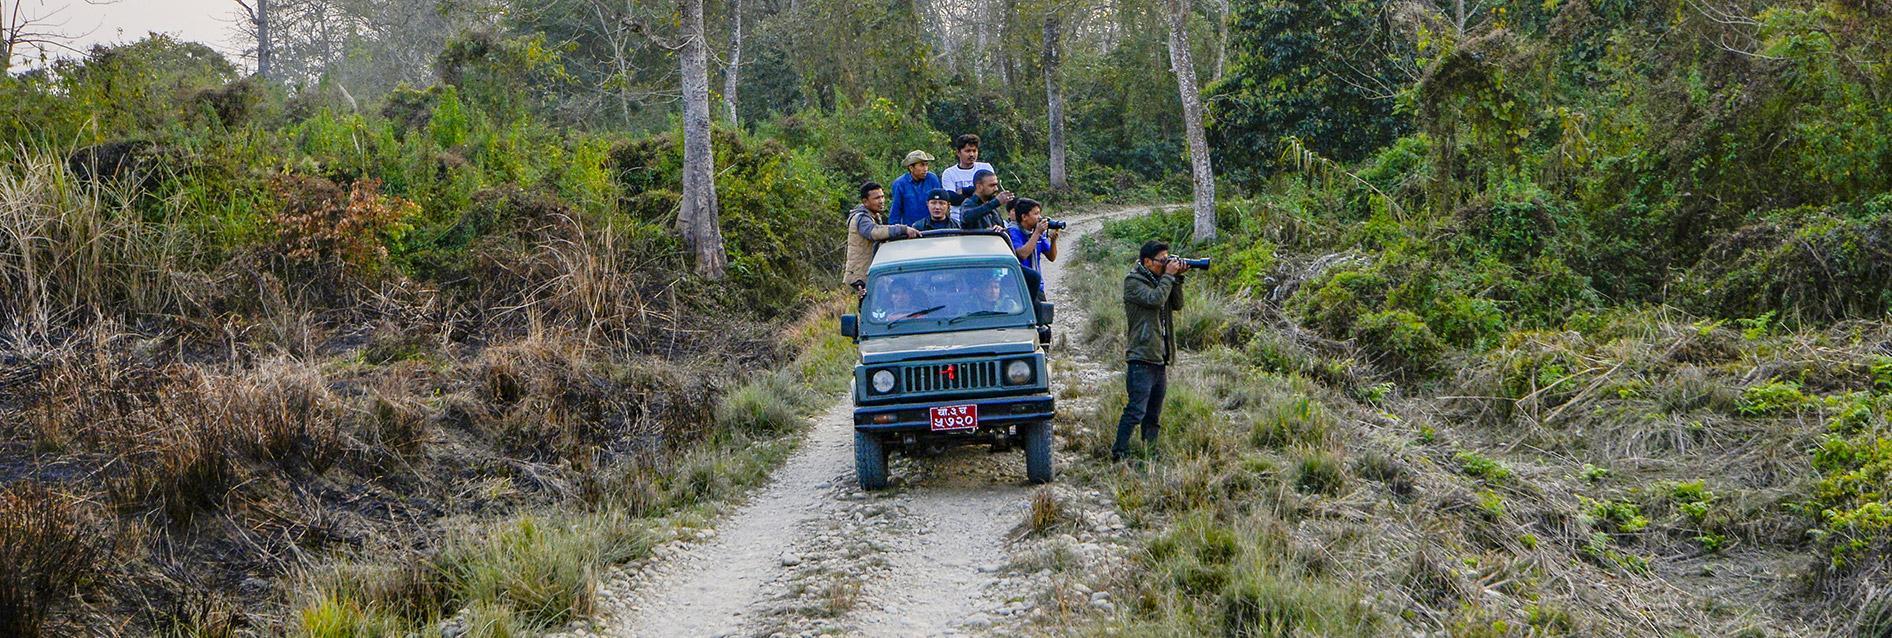 jungle safarir